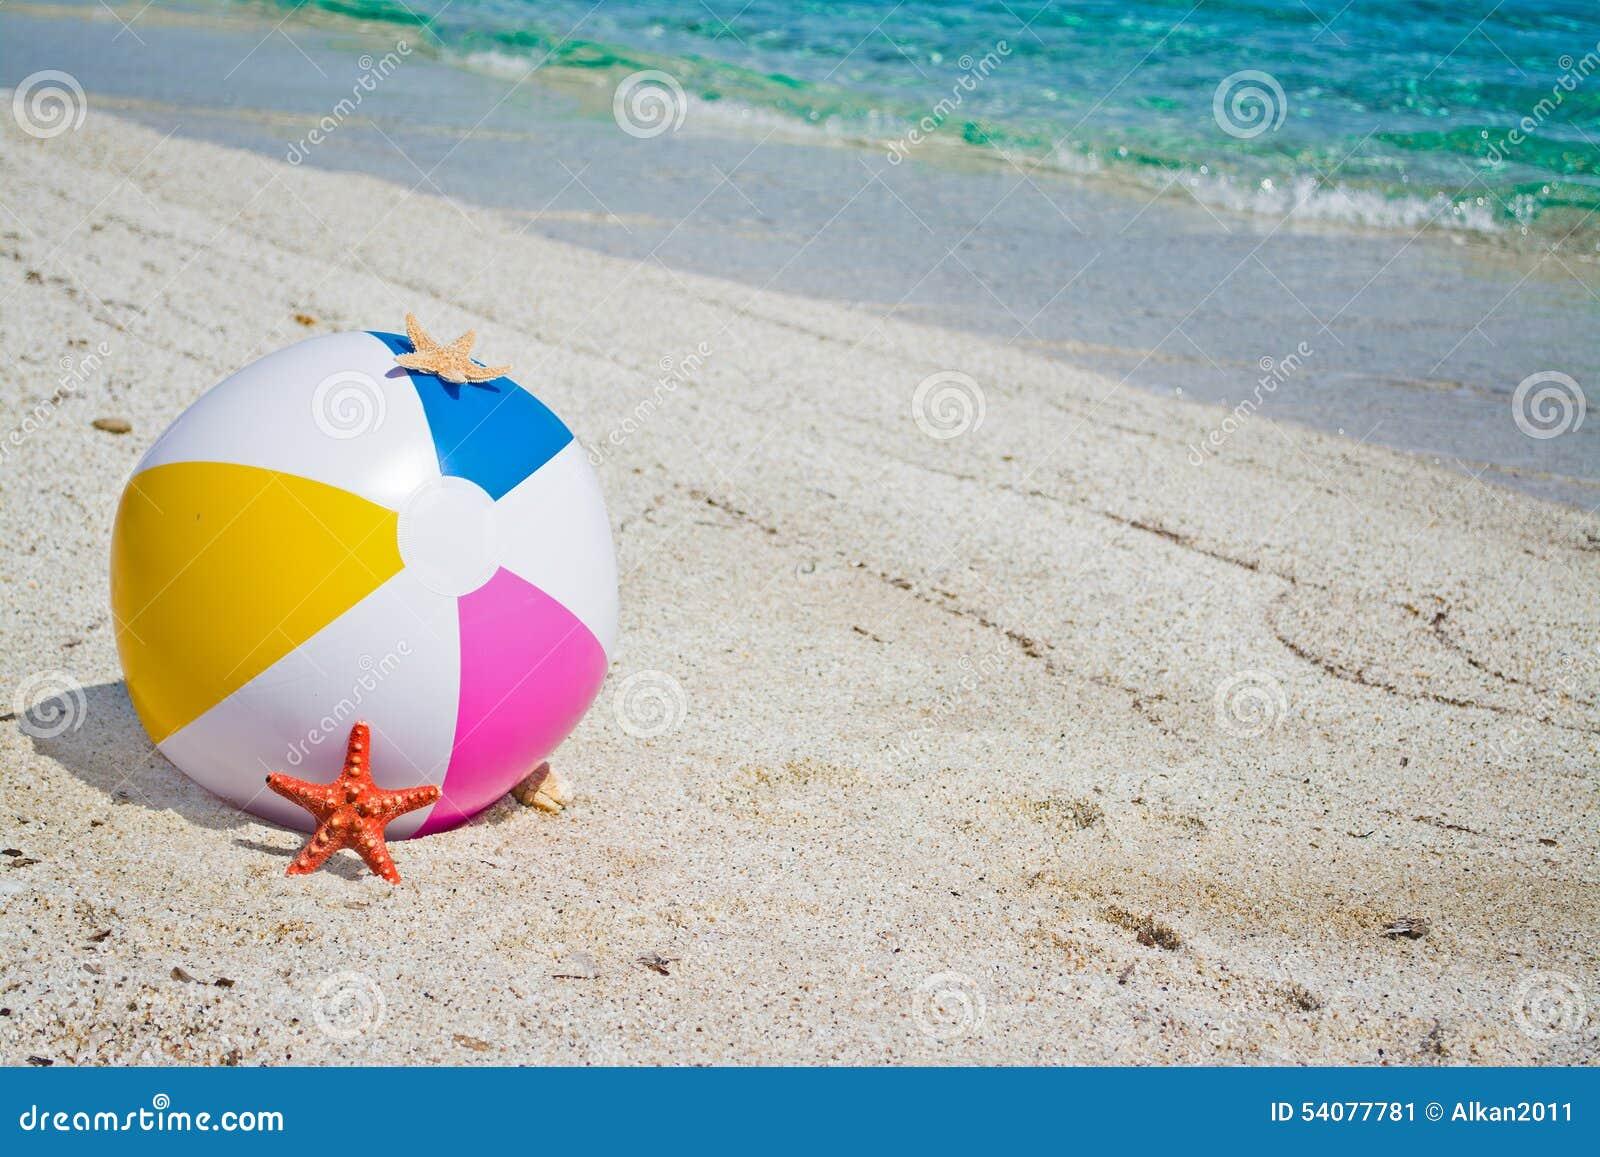 Strandbal met zeester